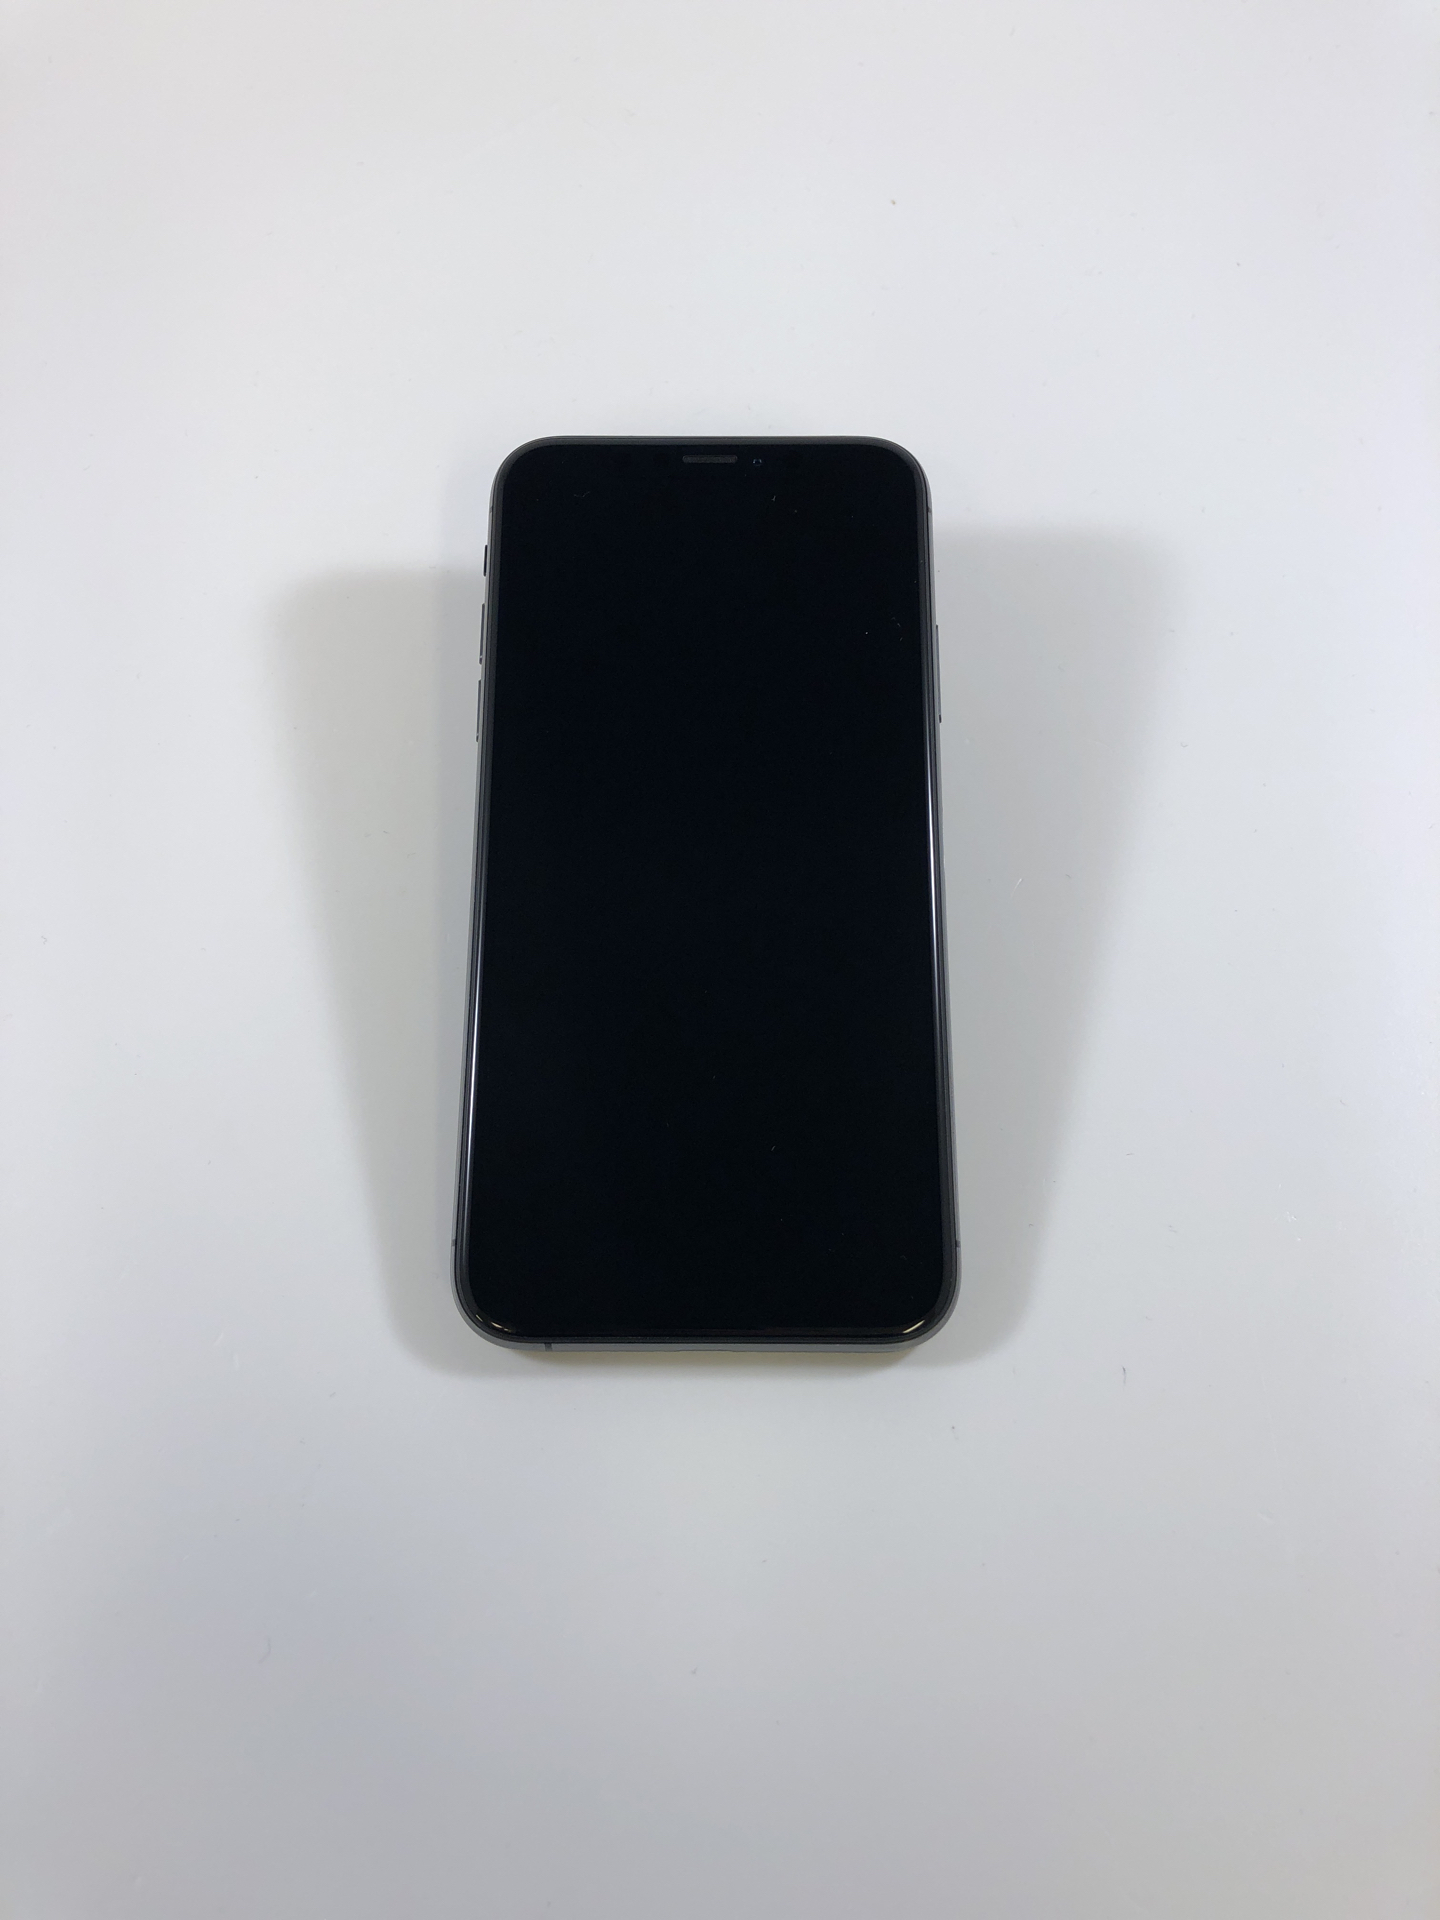 iPhone XS 512GB, 512GB, Space Gray, Kuva 1